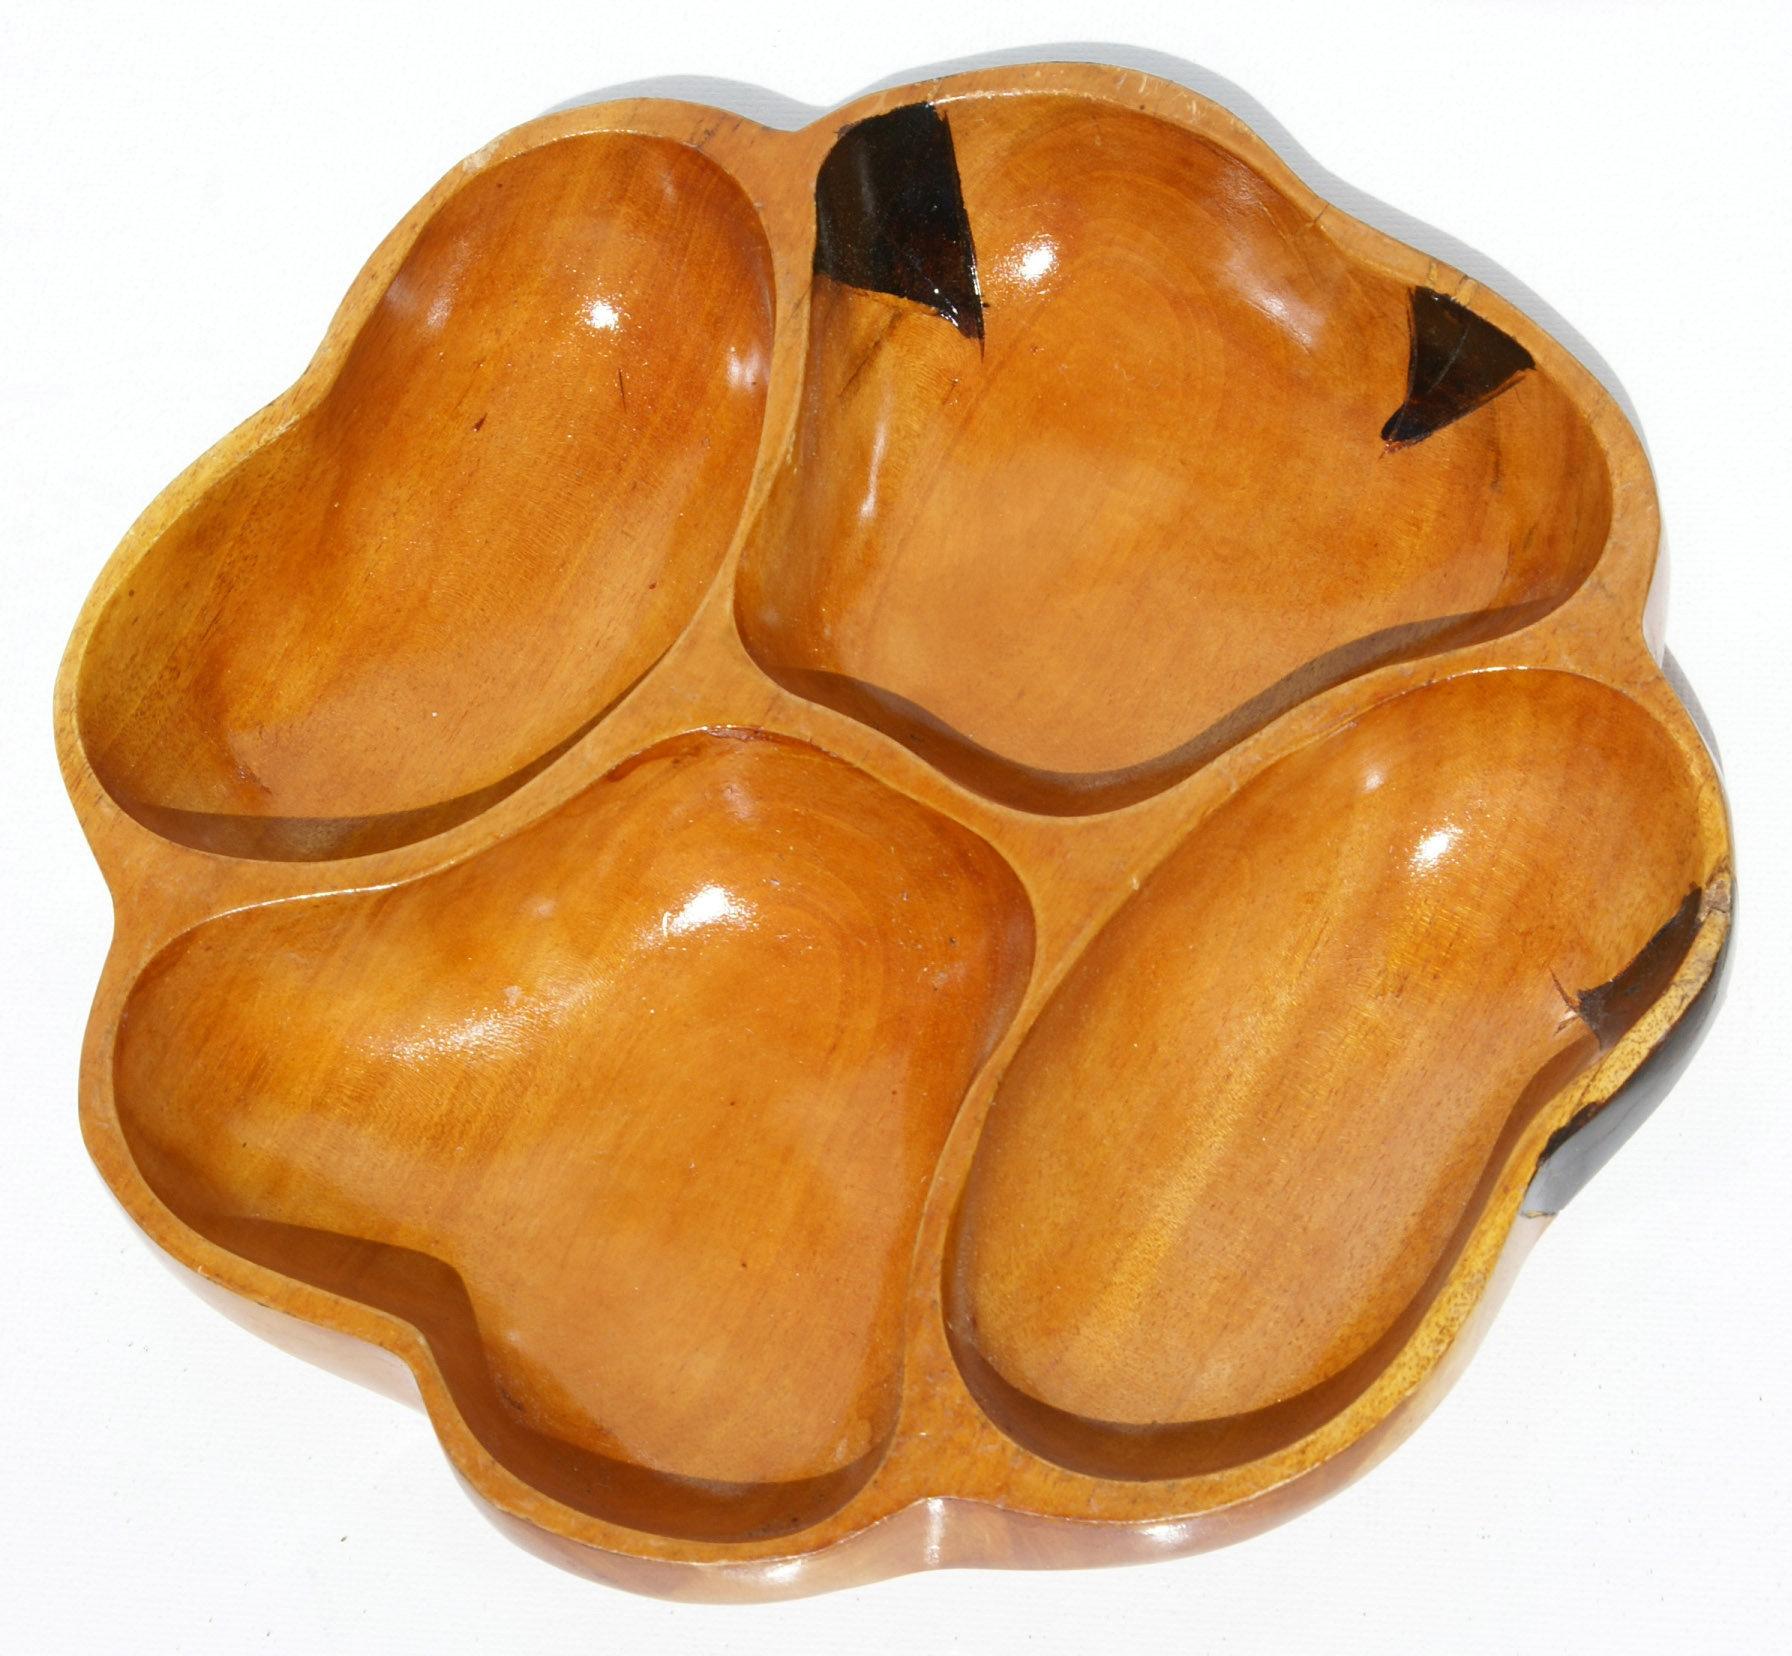 Aparador Suspenso Mercado Livre ~ Presentes artesanais de madeira artesanais placa arte